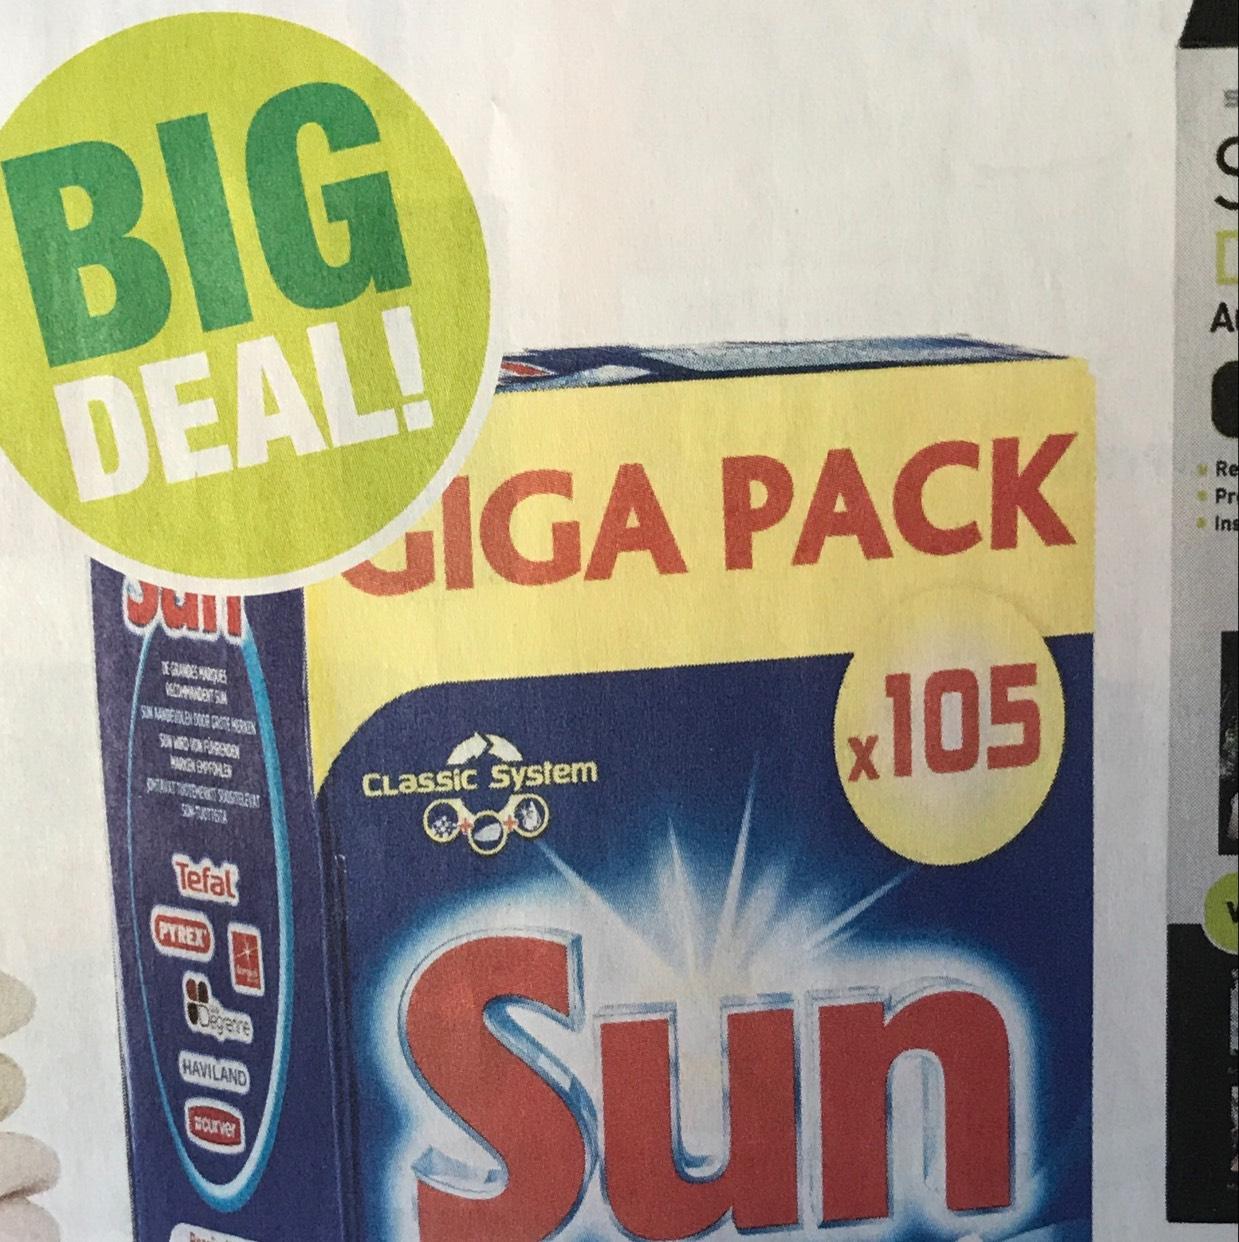 105 vaatwastabletten Sun @Bigbazar